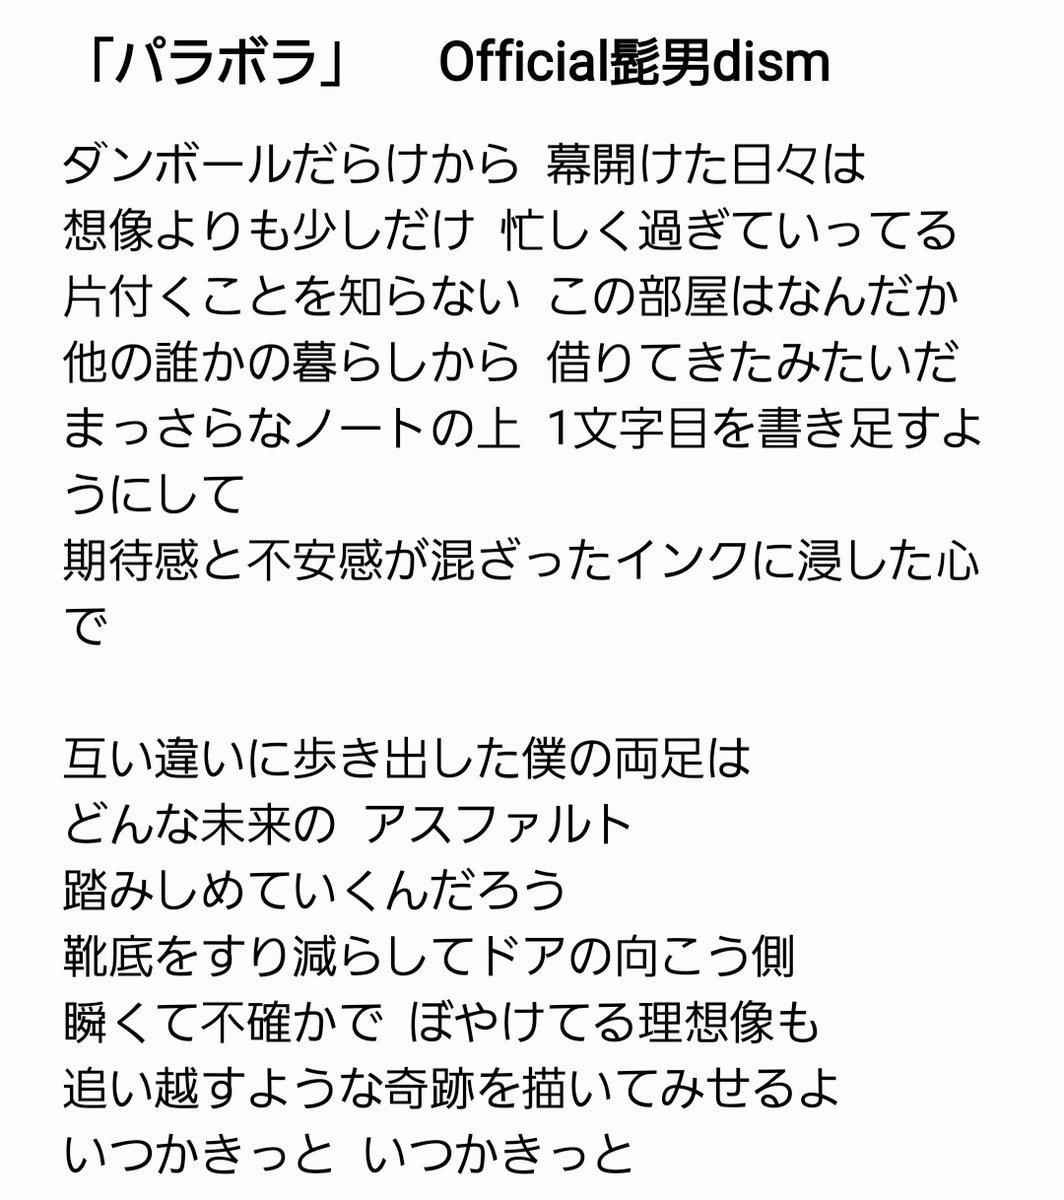 オフィシャル髭男dism 歌詞